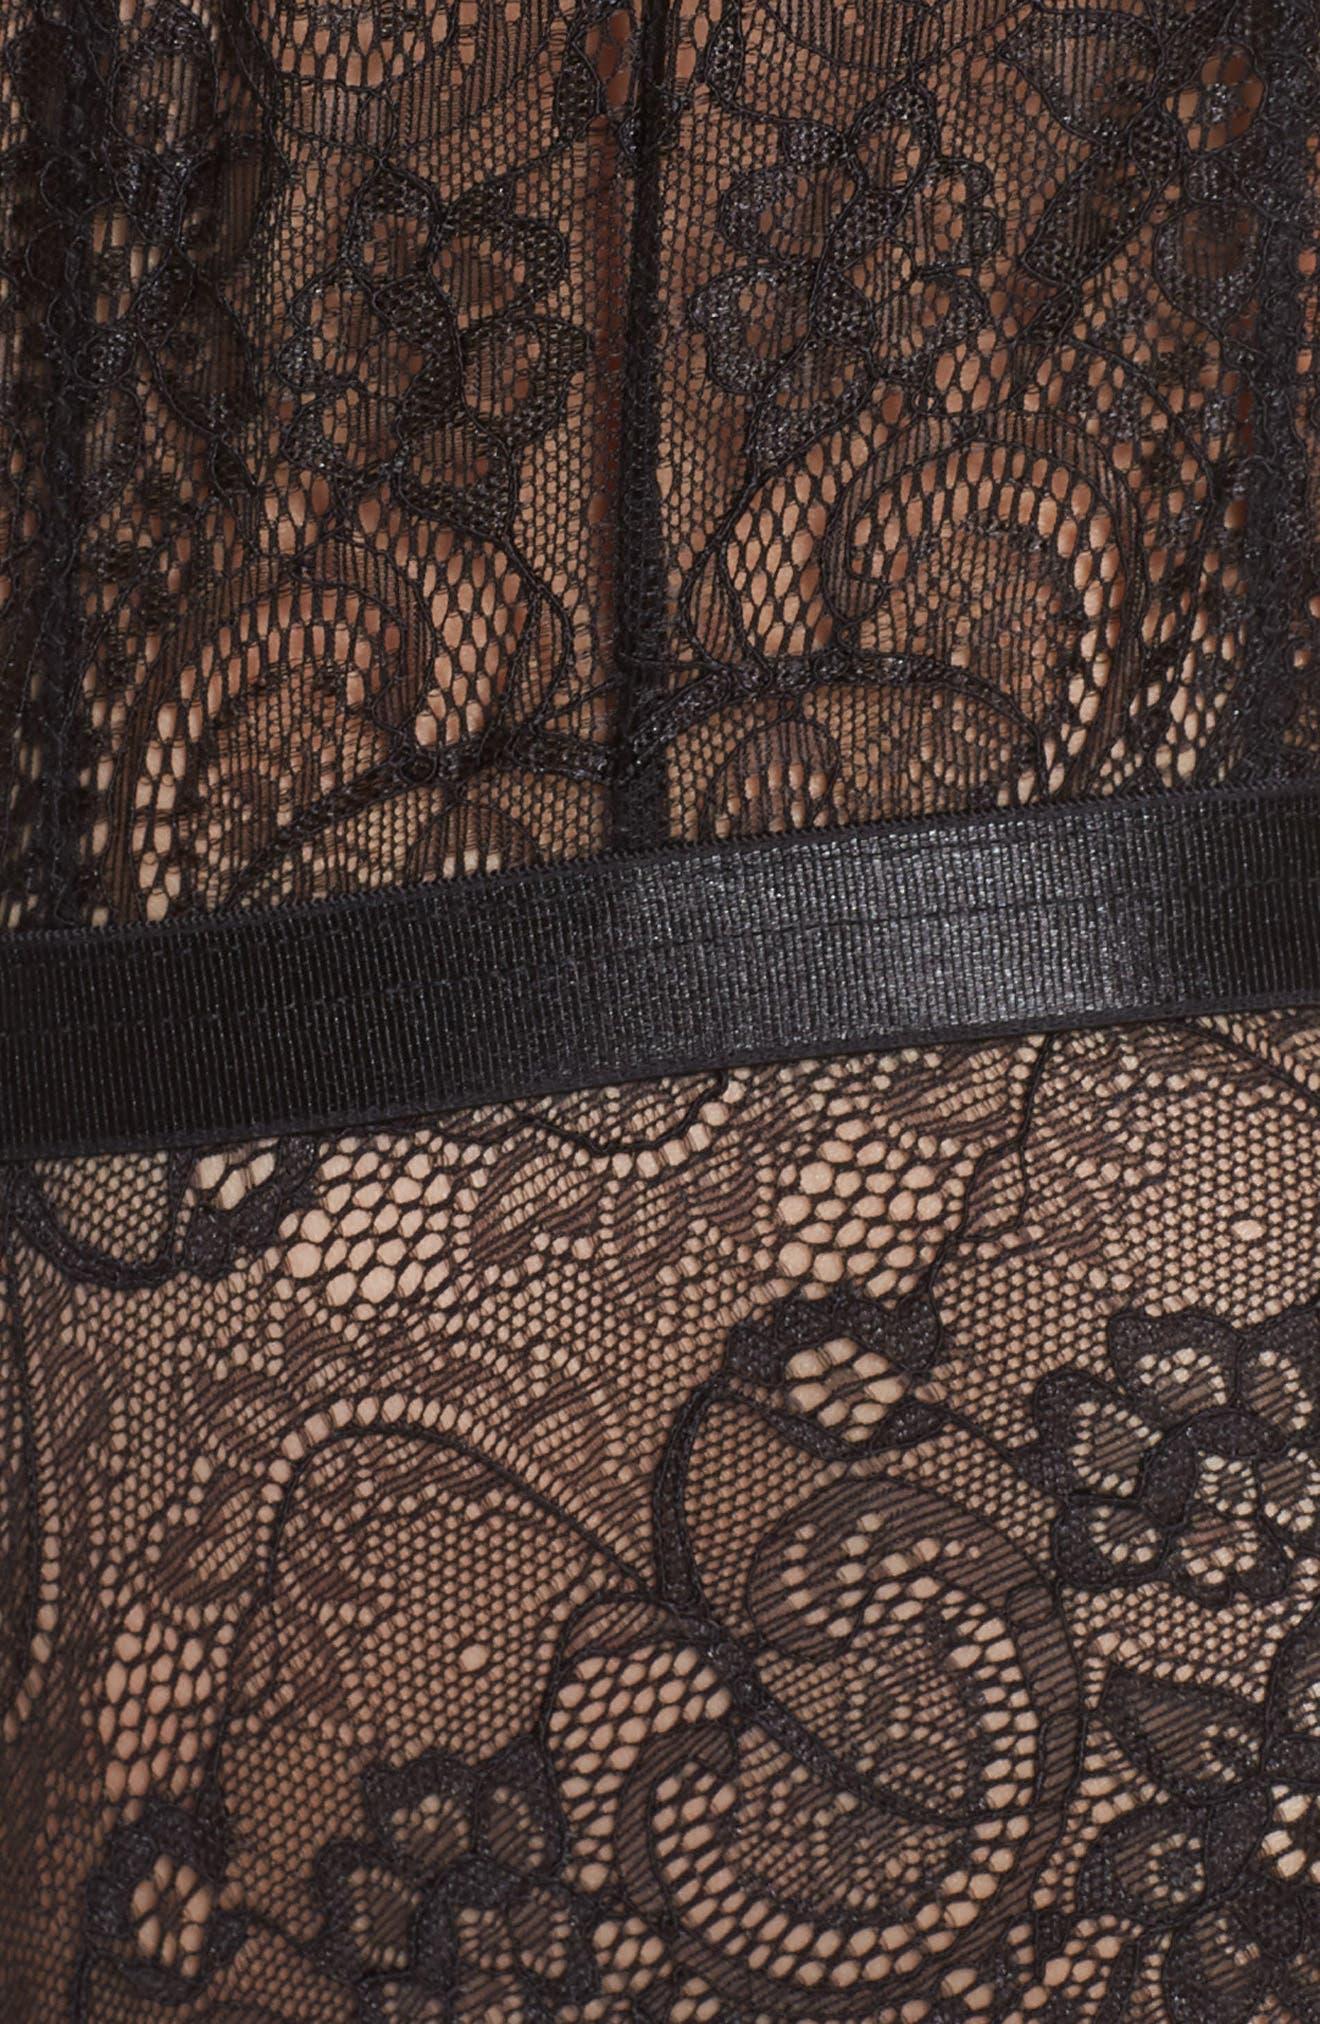 Plunge Neck Lace Bodysuit,                             Alternate thumbnail 5, color,                             BLACK